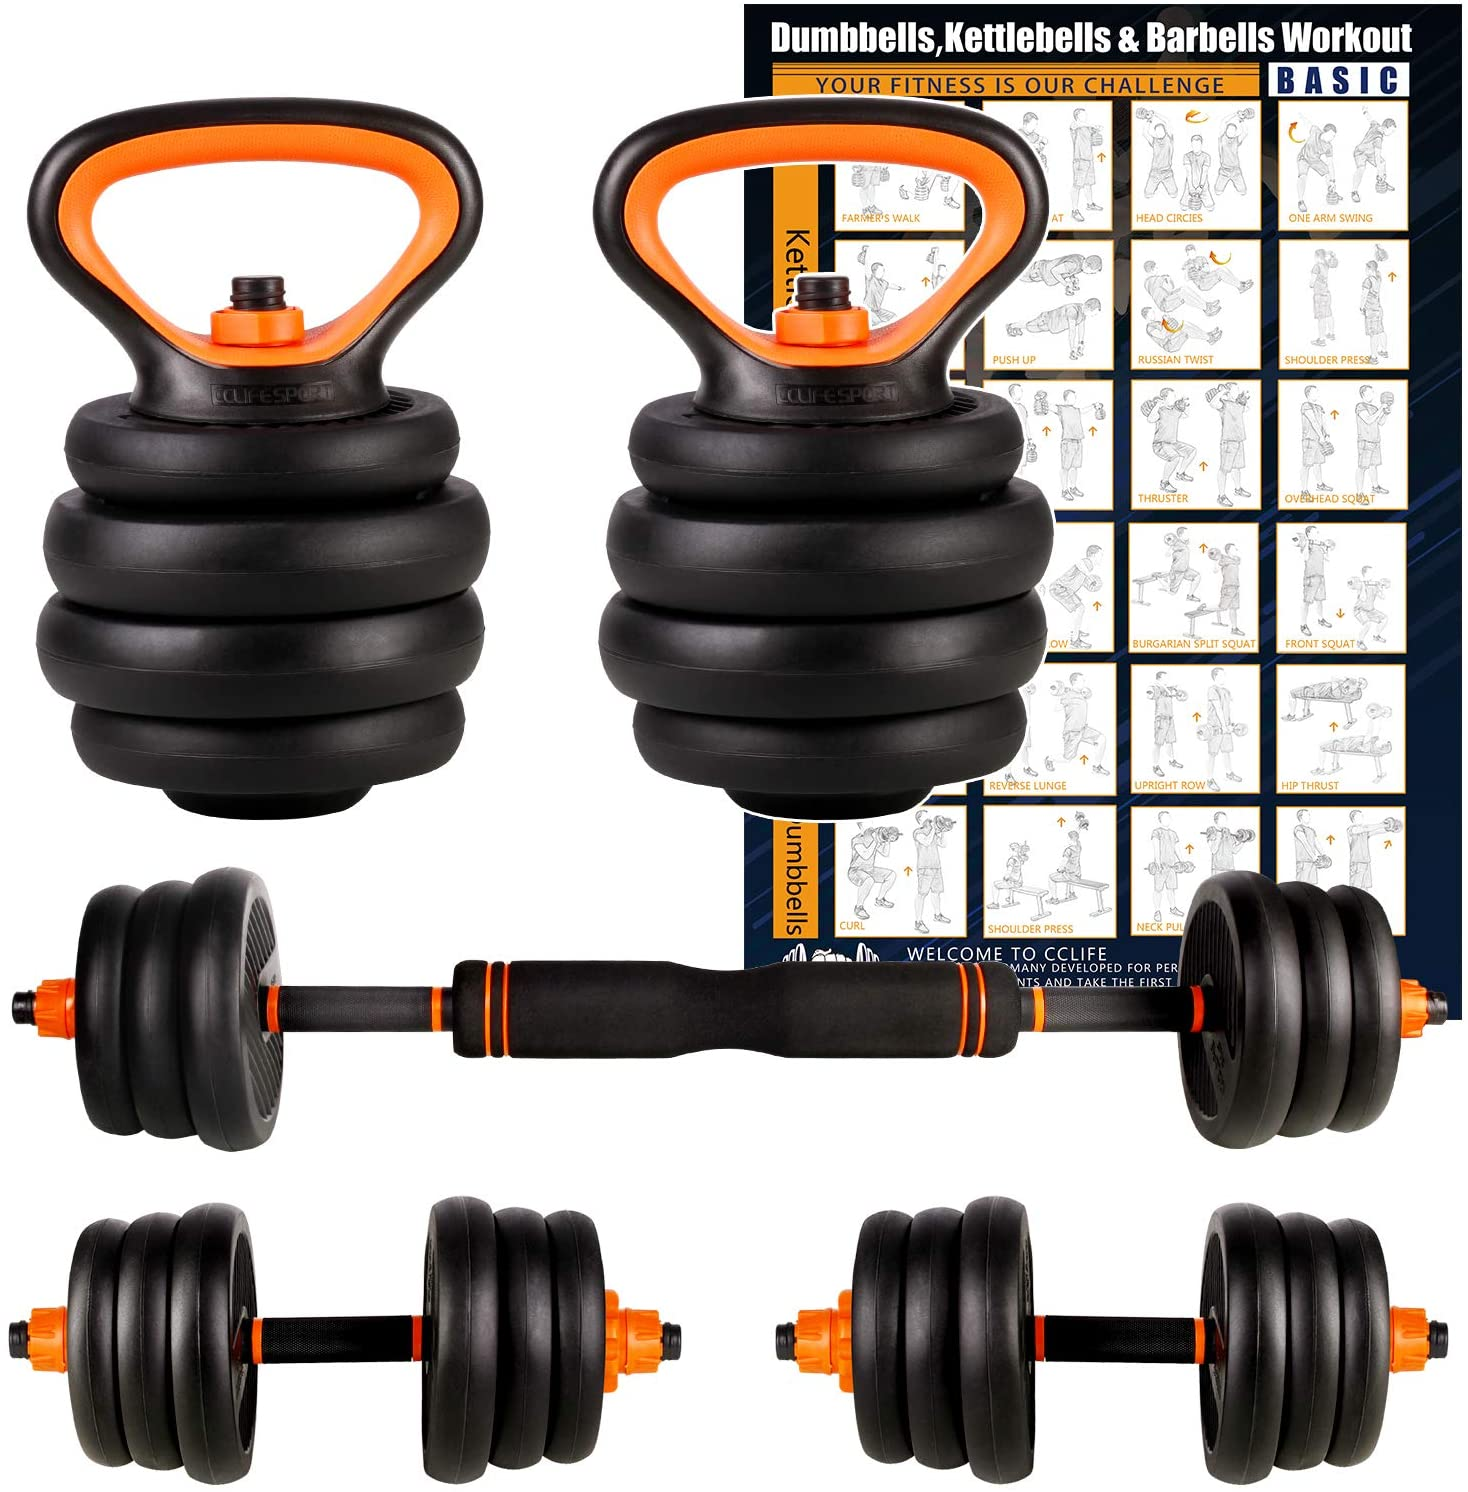 pesas-para-entrenar-en-casa-cclife-dhsta009010v.jpg